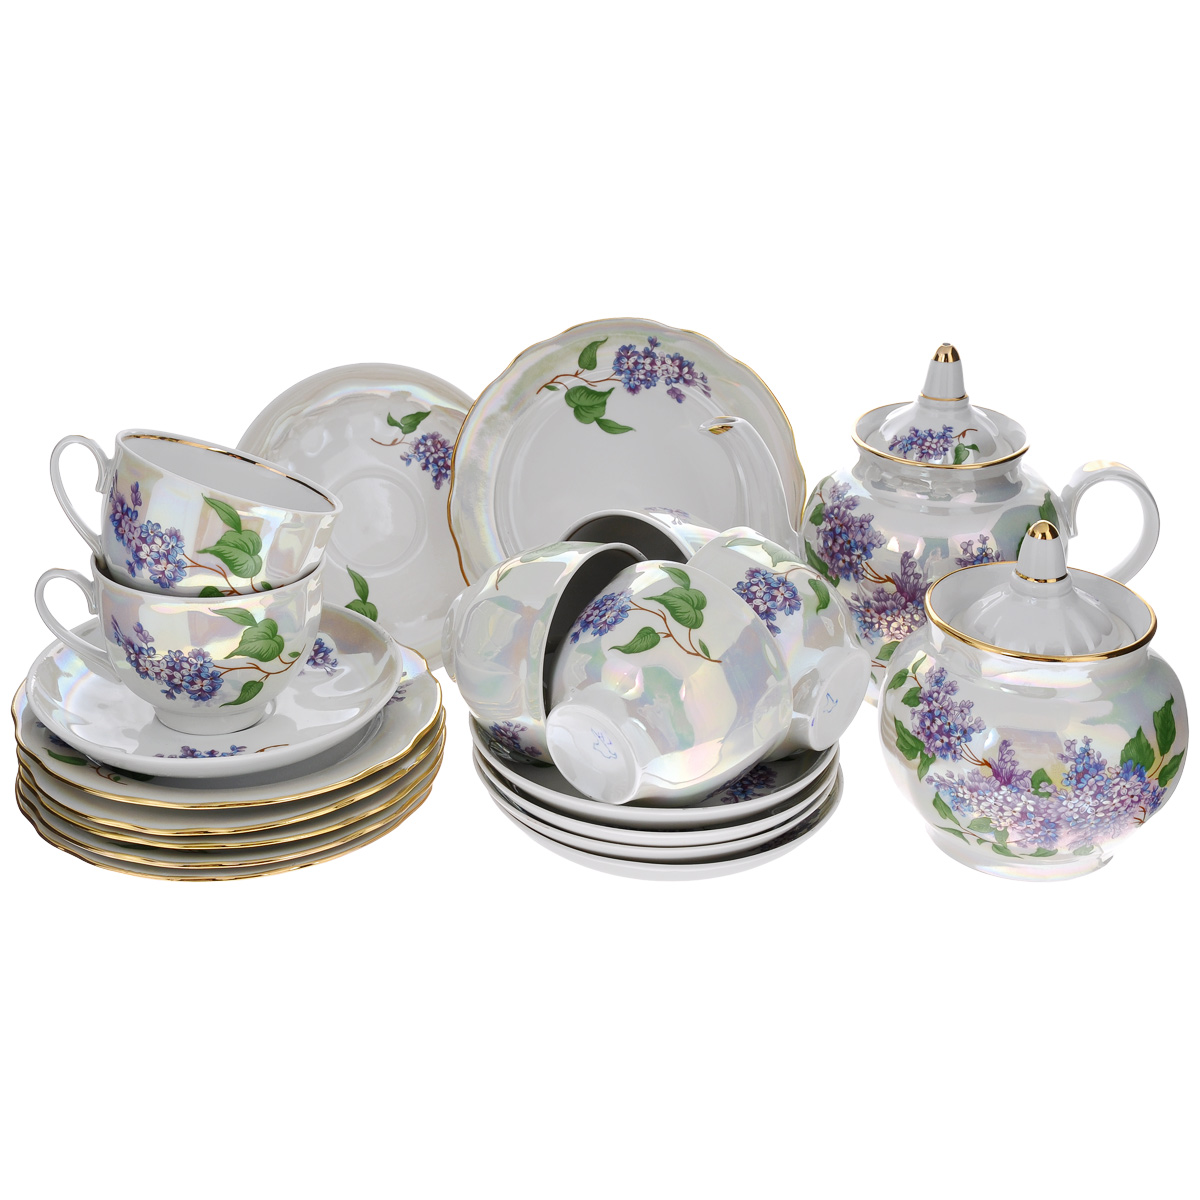 Сервиз чайный Сирень, 20 предметов00331Сервиз чайный Сирень состоит из шести чашек, шести блюдец, шести десертных тарелок, заварочного чайника и сахарницы, изготовленных из фарфора. Предметы набора оформлены красочным изображением цветов. Изящный дизайн придется по вкусу и ценителям классики, и тем, кто предпочитает утонченность и изысканность. Он настроит на позитивный лад и подарит хорошее настроение с самого утра. Сервиз чайный - идеальный и необходимый подарок для вашего дома и для ваших друзей в праздники, юбилеи и торжества! Он также станет отличным корпоративным подарком и украшением любой кухни.Количество чашек: 6 шт.Диаметр чашек по верхнему краю: 9 см. Высота чашек: 7 см. Количество десертных тарелок: 6 шт. Диаметр десертных тарелок: 17,5 см. Высота десертных тарелок: 2 см.Количество блюдец: 6 шт. Диаметр блюдец: 15 см. Высота блюдец: 2,5 см. Высота сахарницы (с учетом крышки): 14,5 см. Диаметр сахарницы по верхнему краю: 8,5 см.Высота чайника (с учетом крышки): 17,5 см. Диаметр чайника по верхнему краю: 7,5 см.